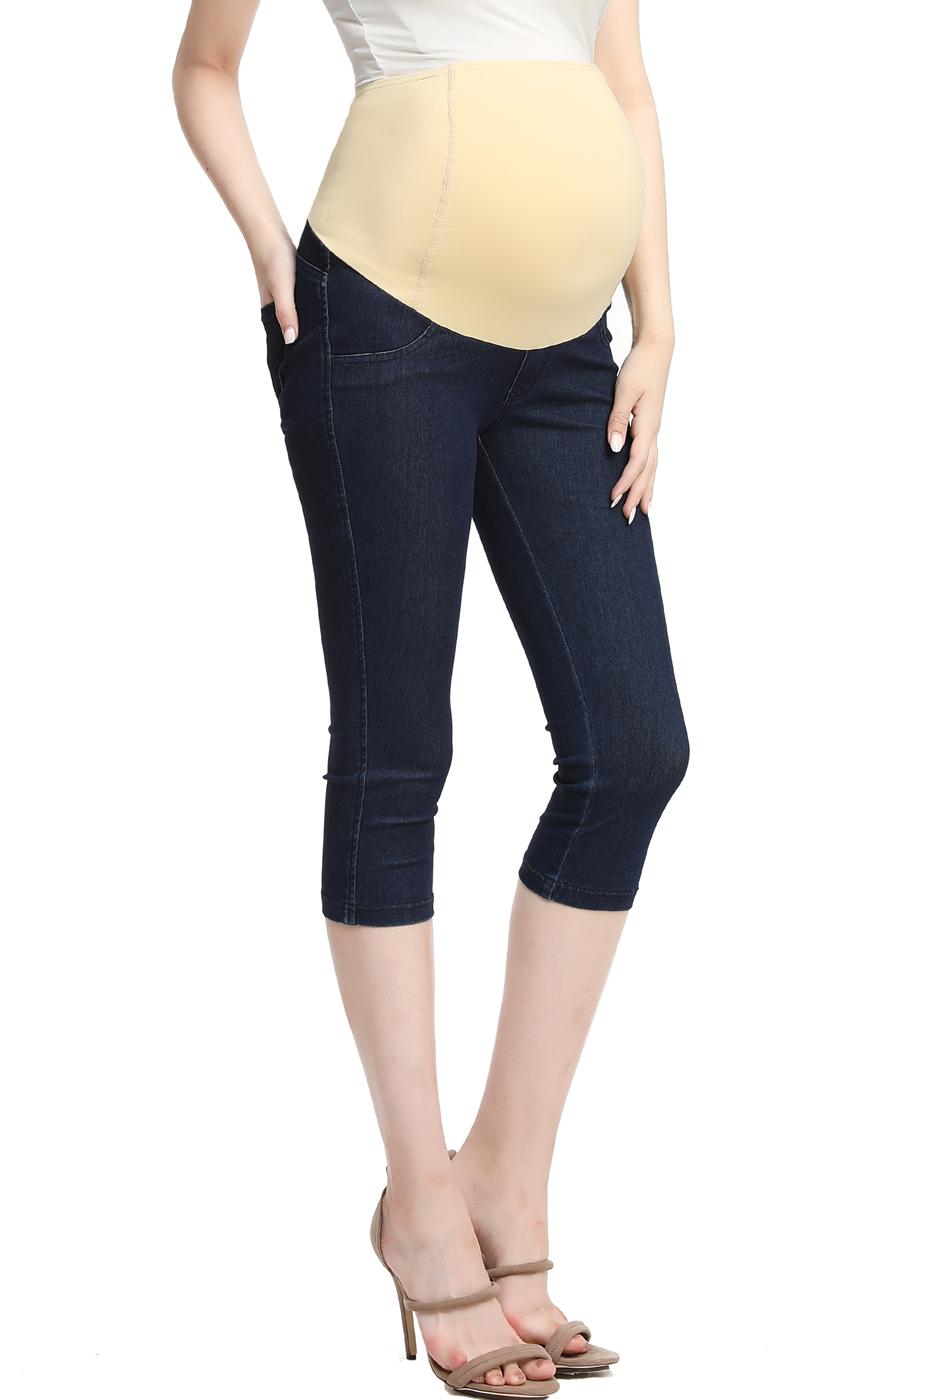 Maternity Women's Capri Jeggings - Denim Blue XS